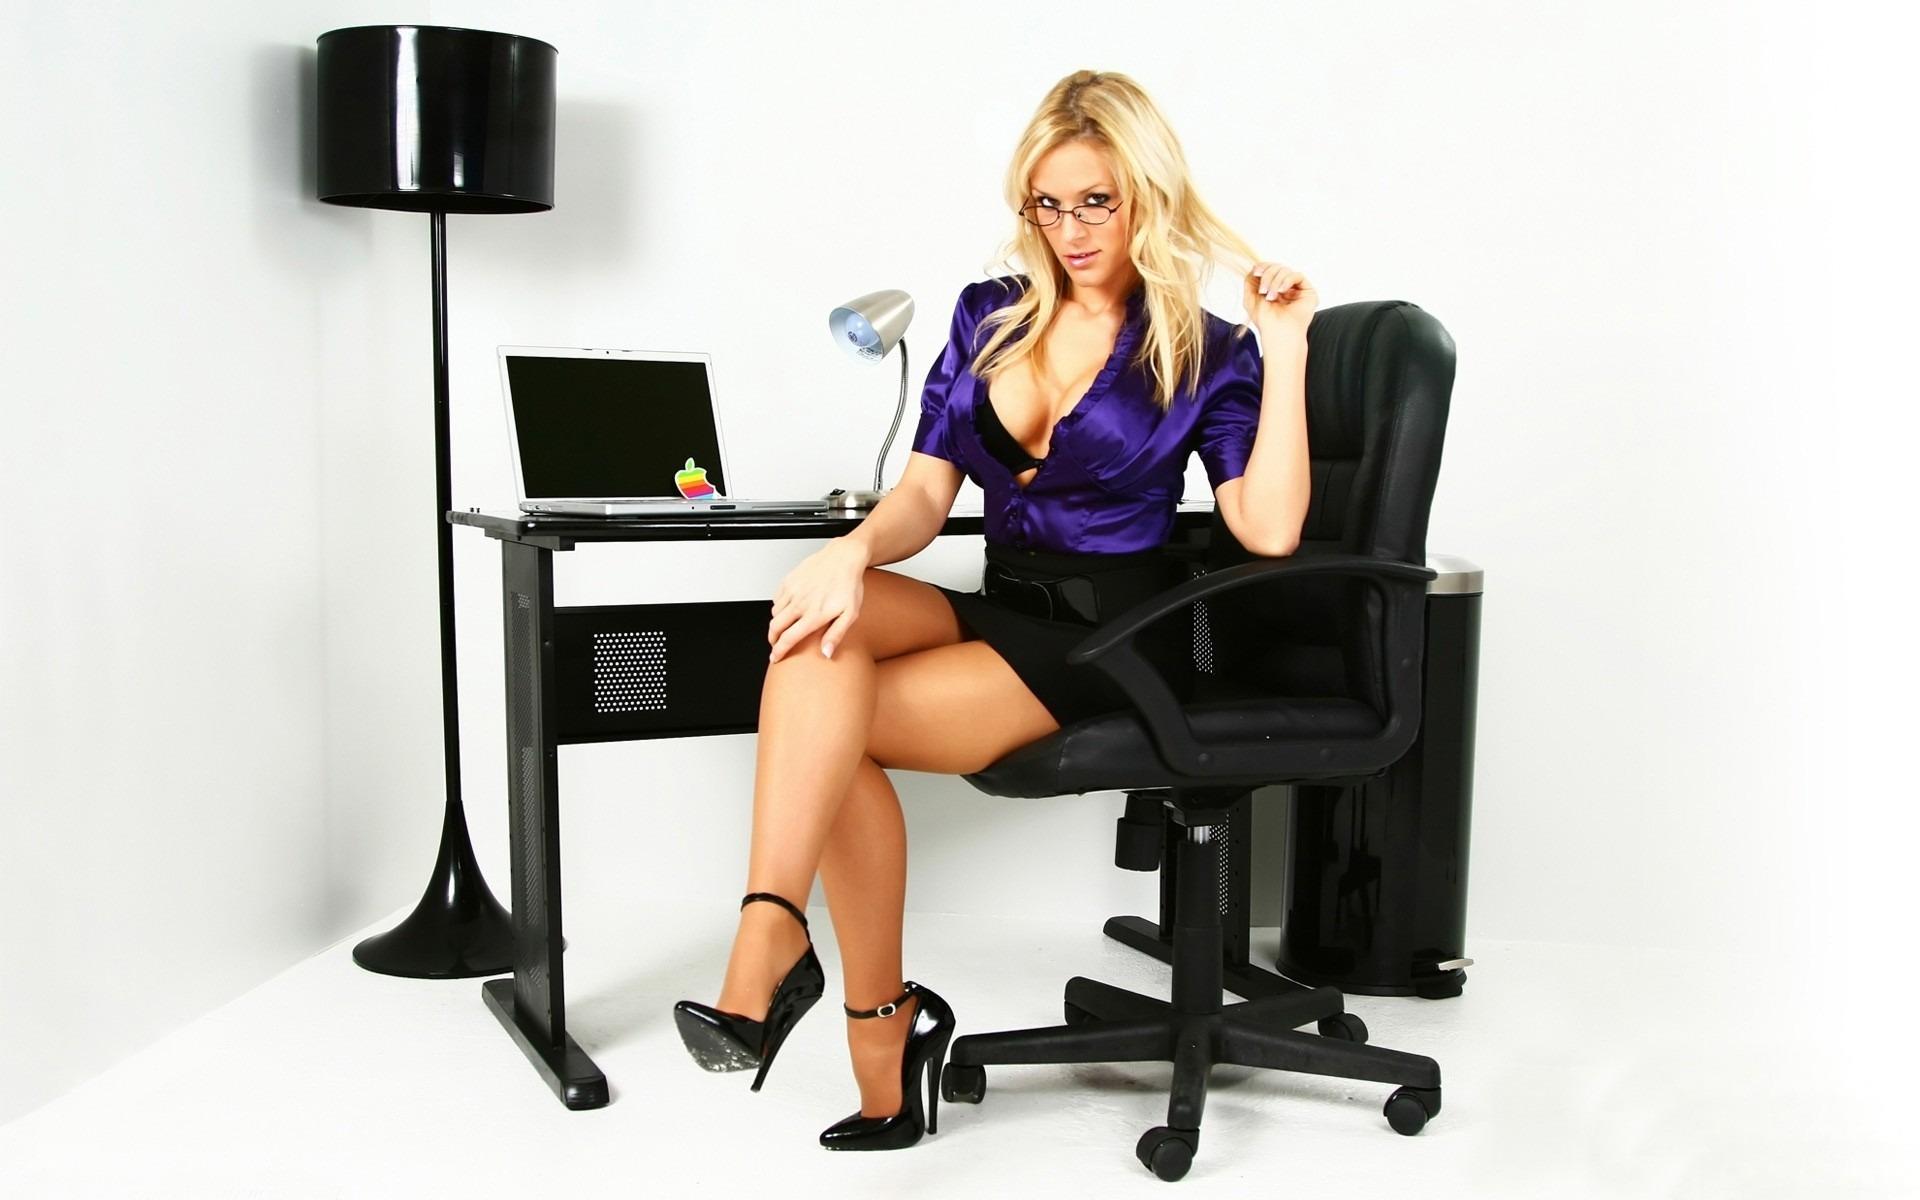 Секретарша сверкает киской в кабинете начальника  563170